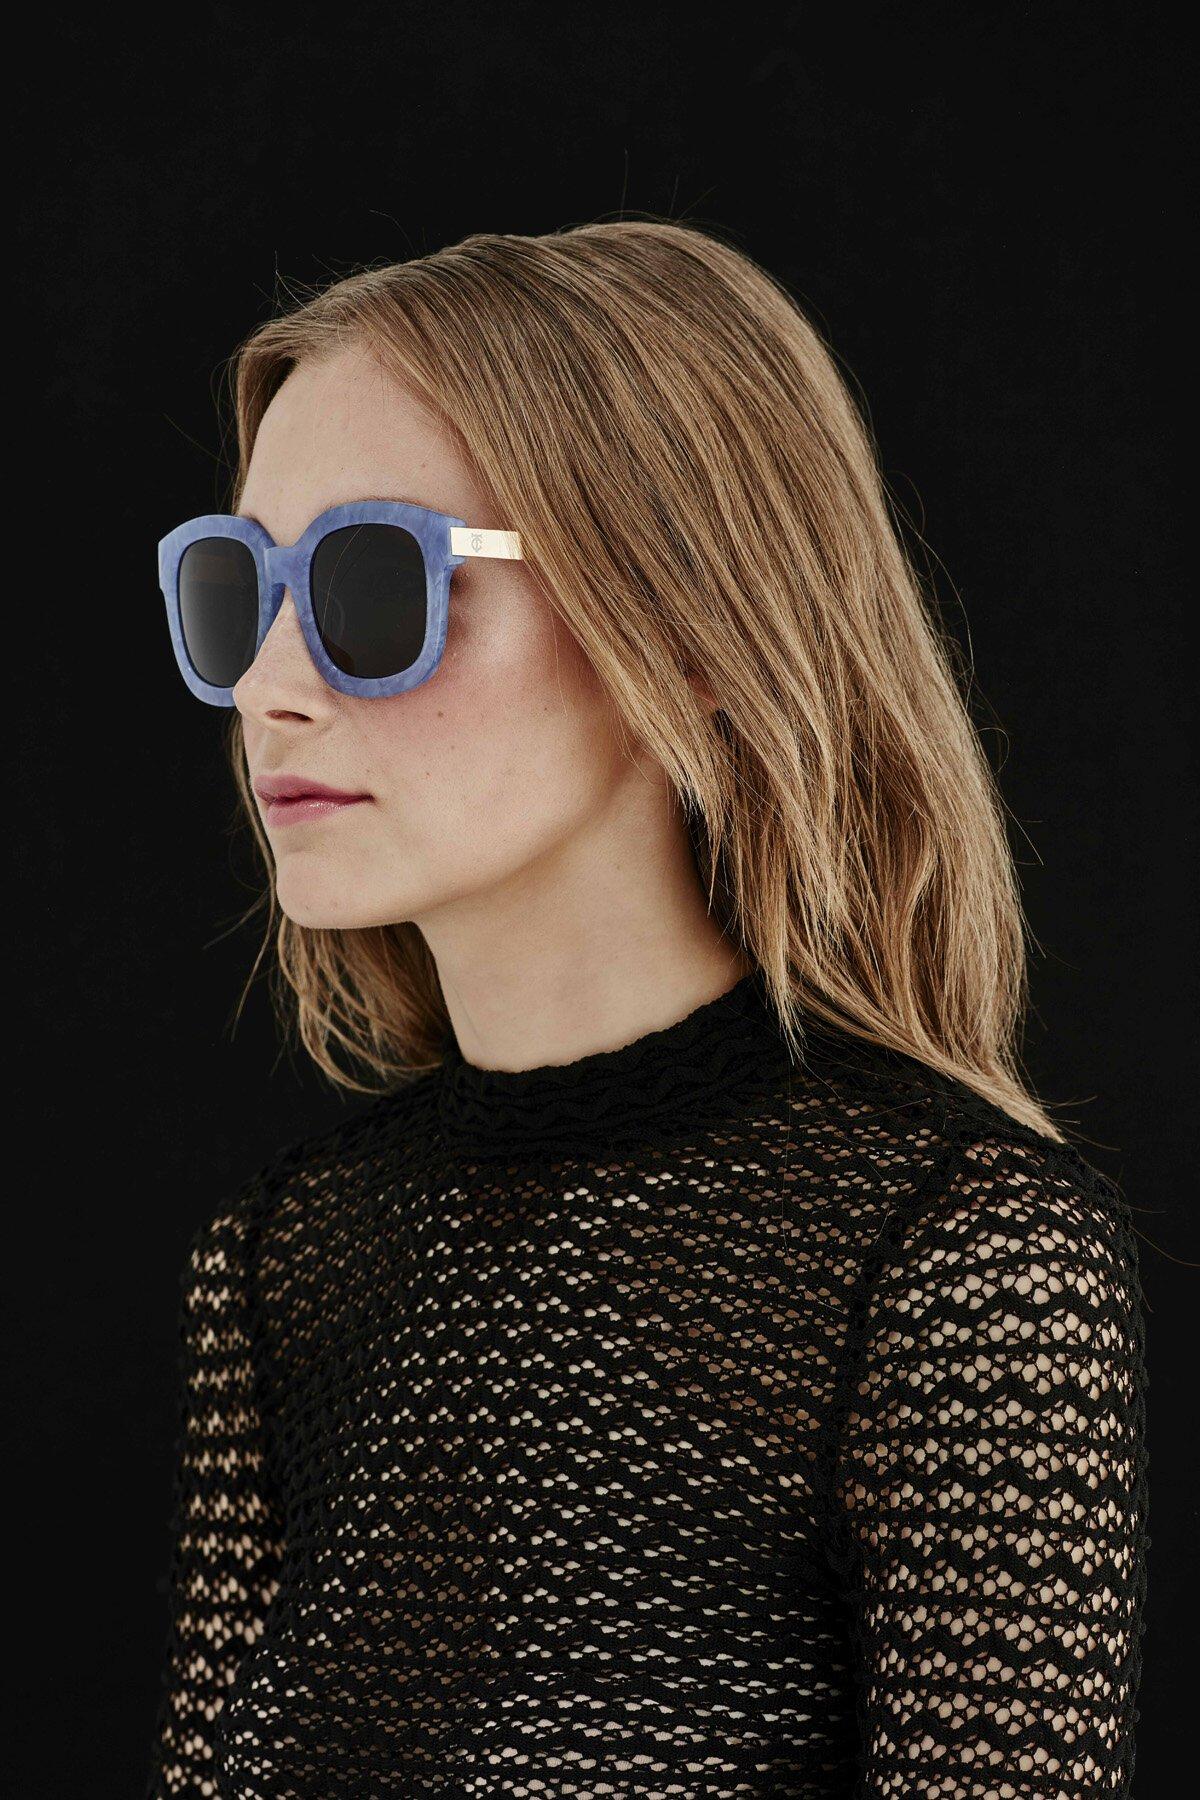 DONNIE DARKO Sunglasses